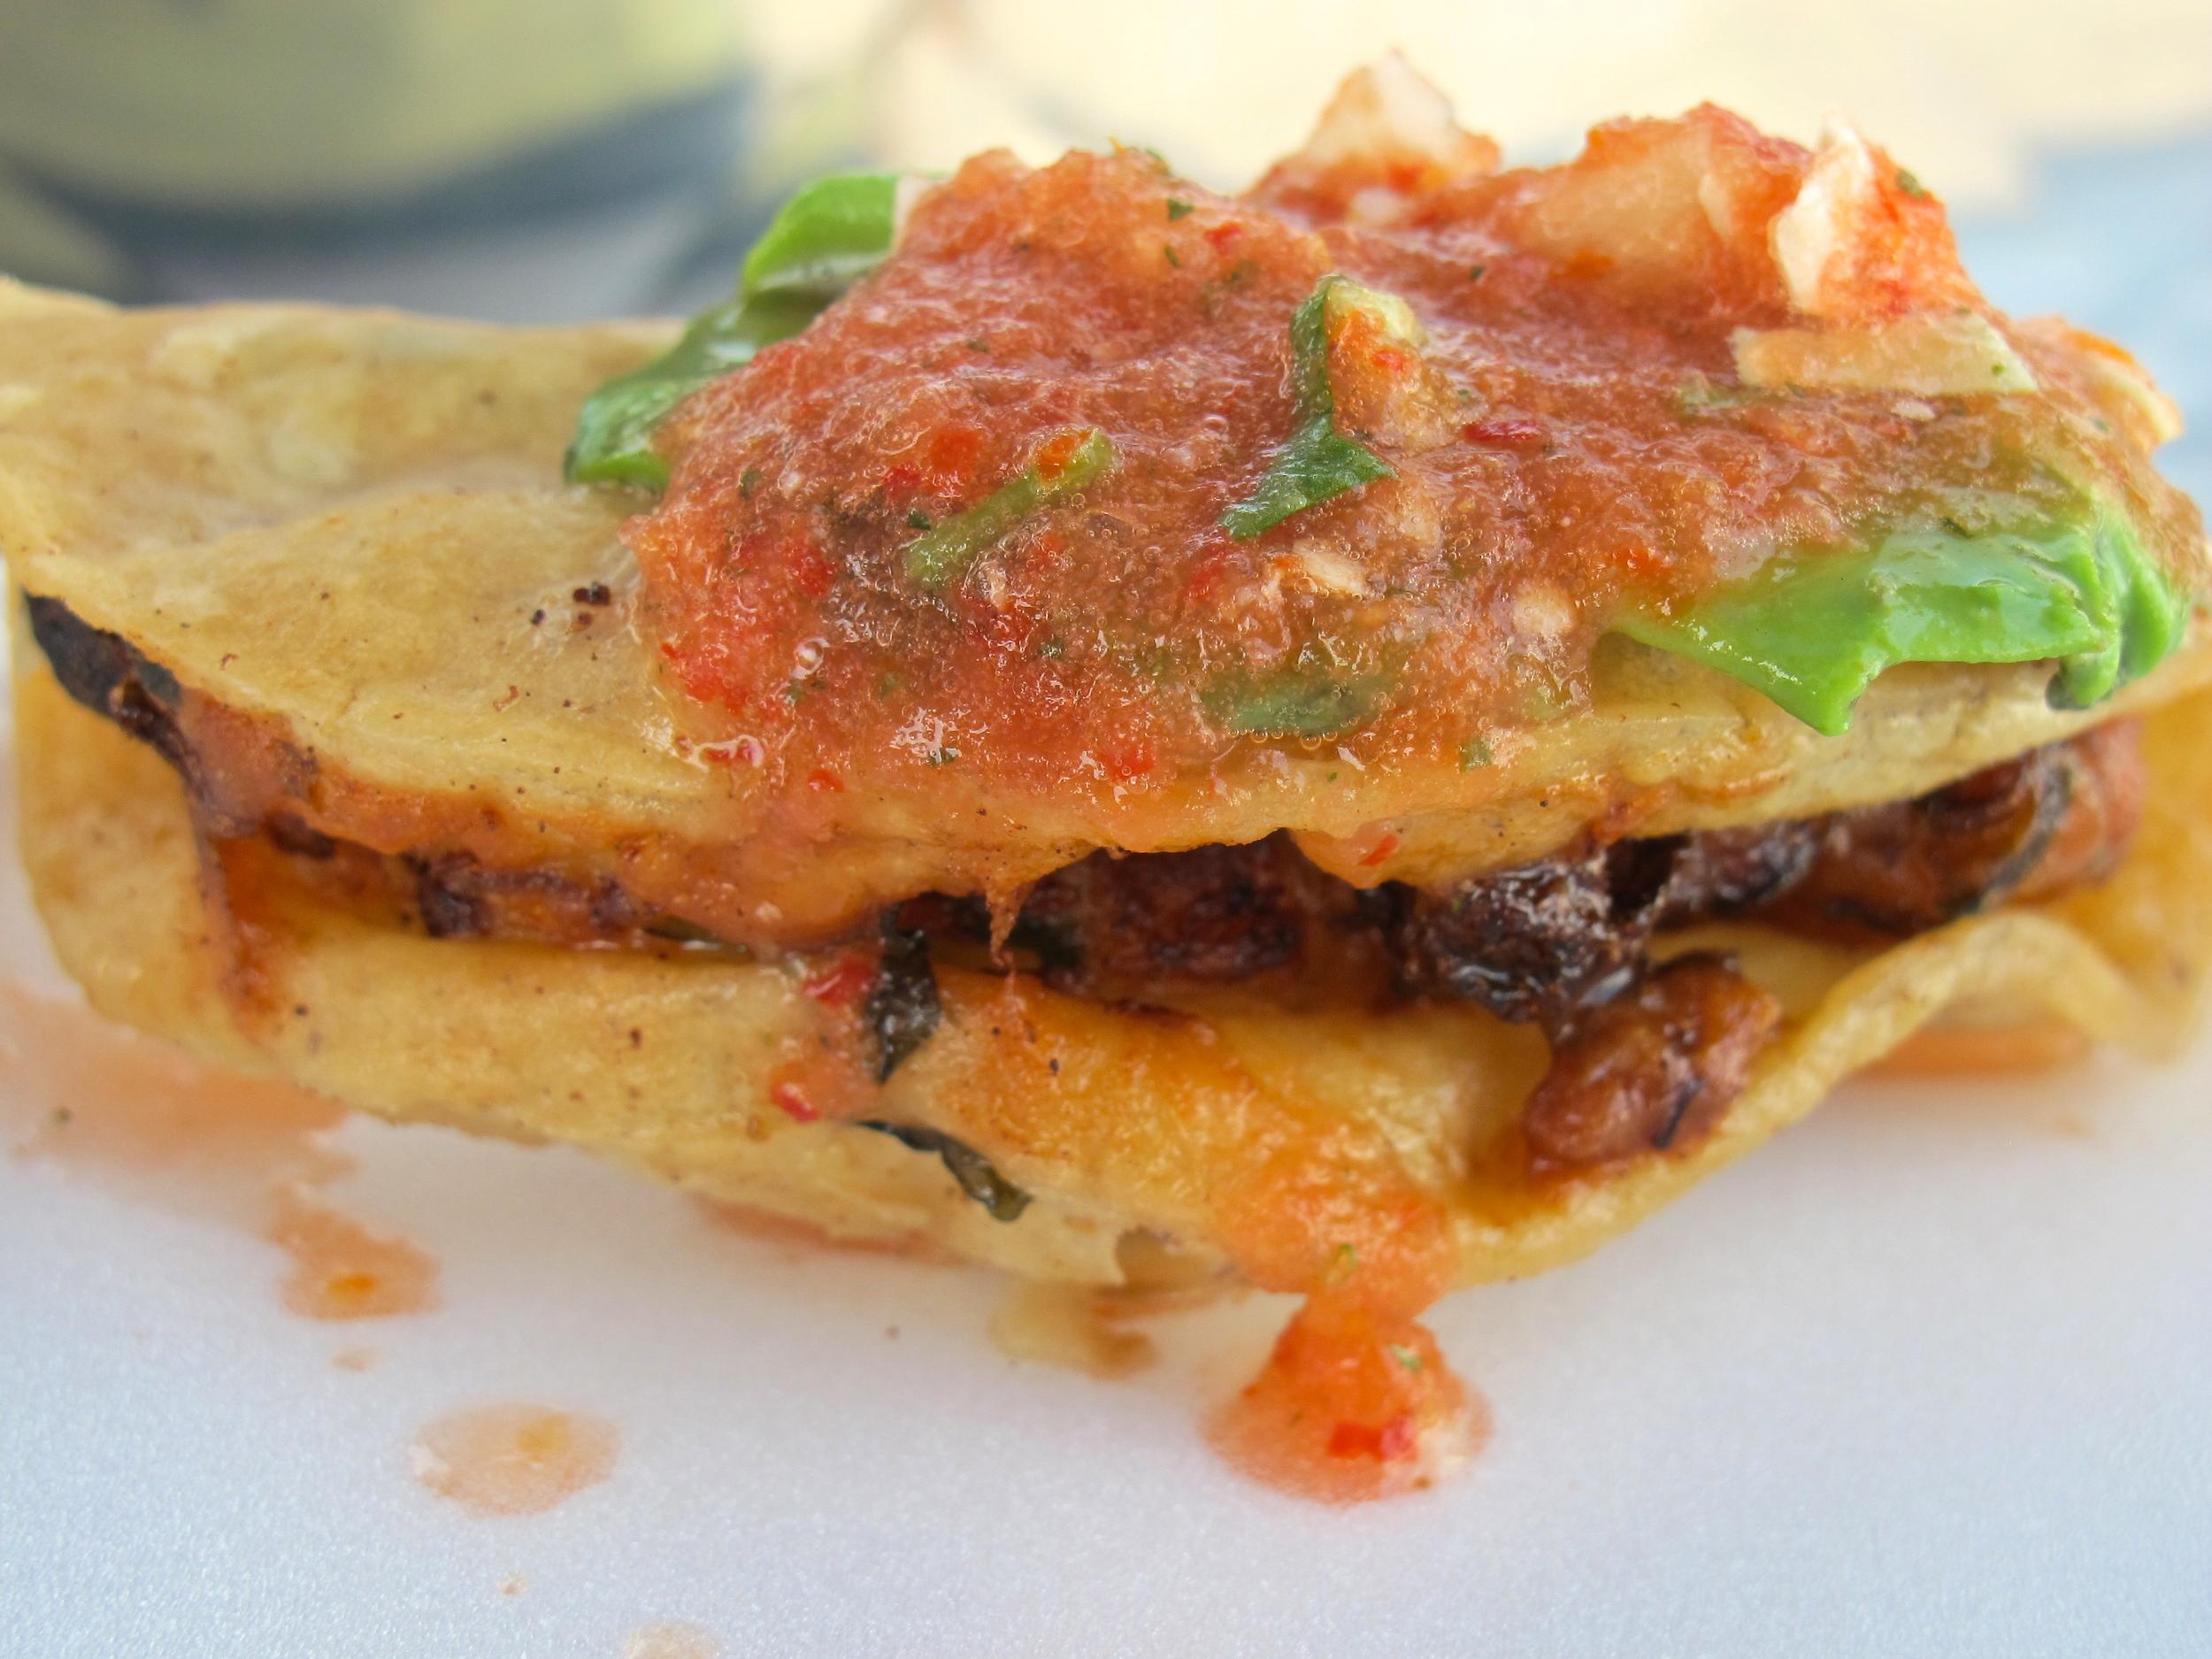 Mariscos Jalisco's crispy shrimp taco